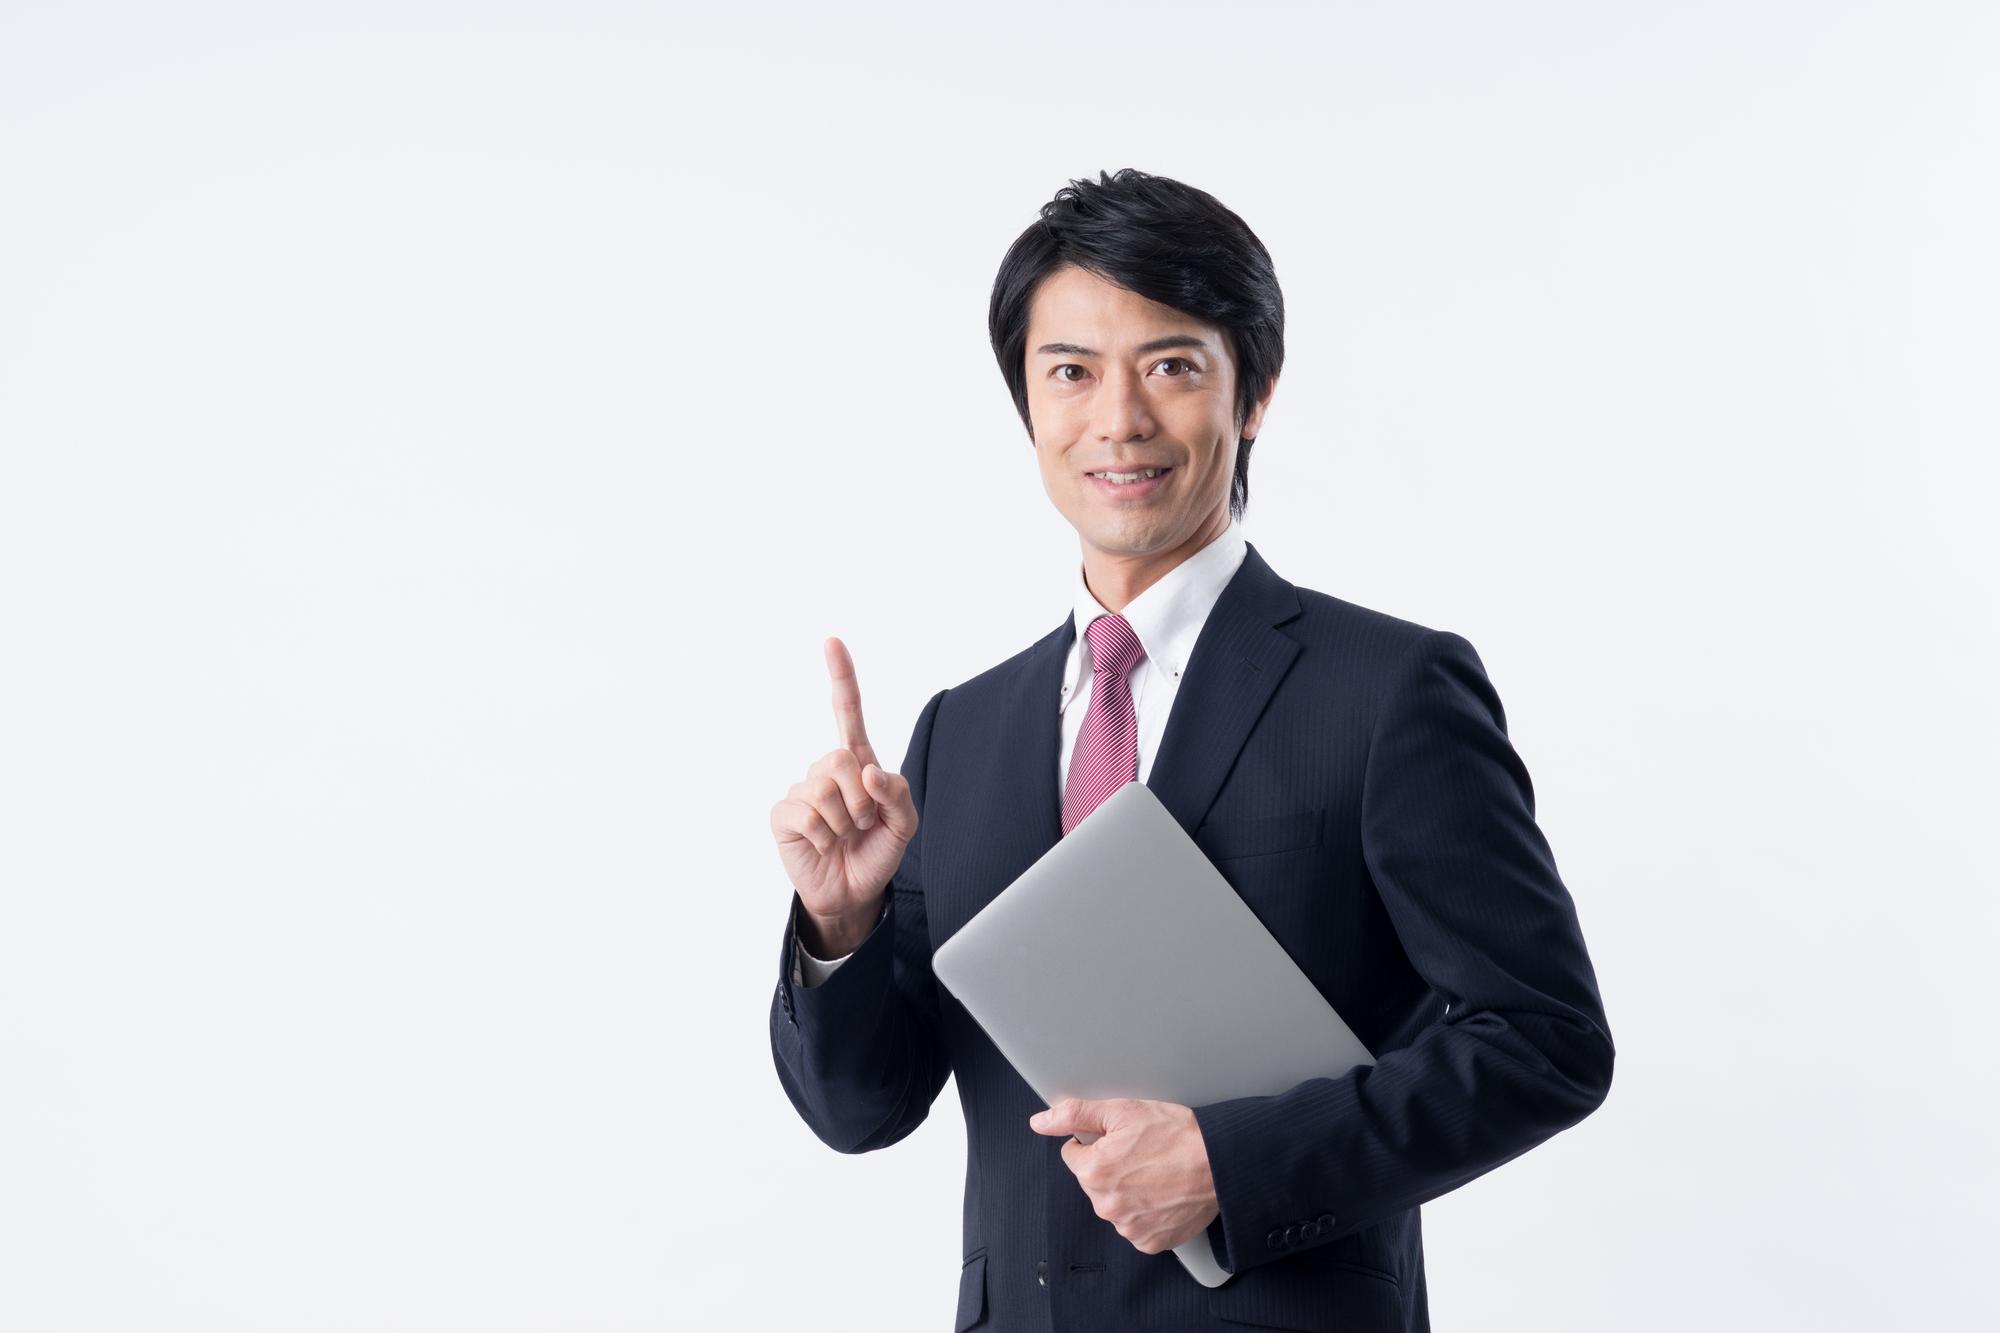 モバイルPCを抱え、人差し指を立てて微笑む男性